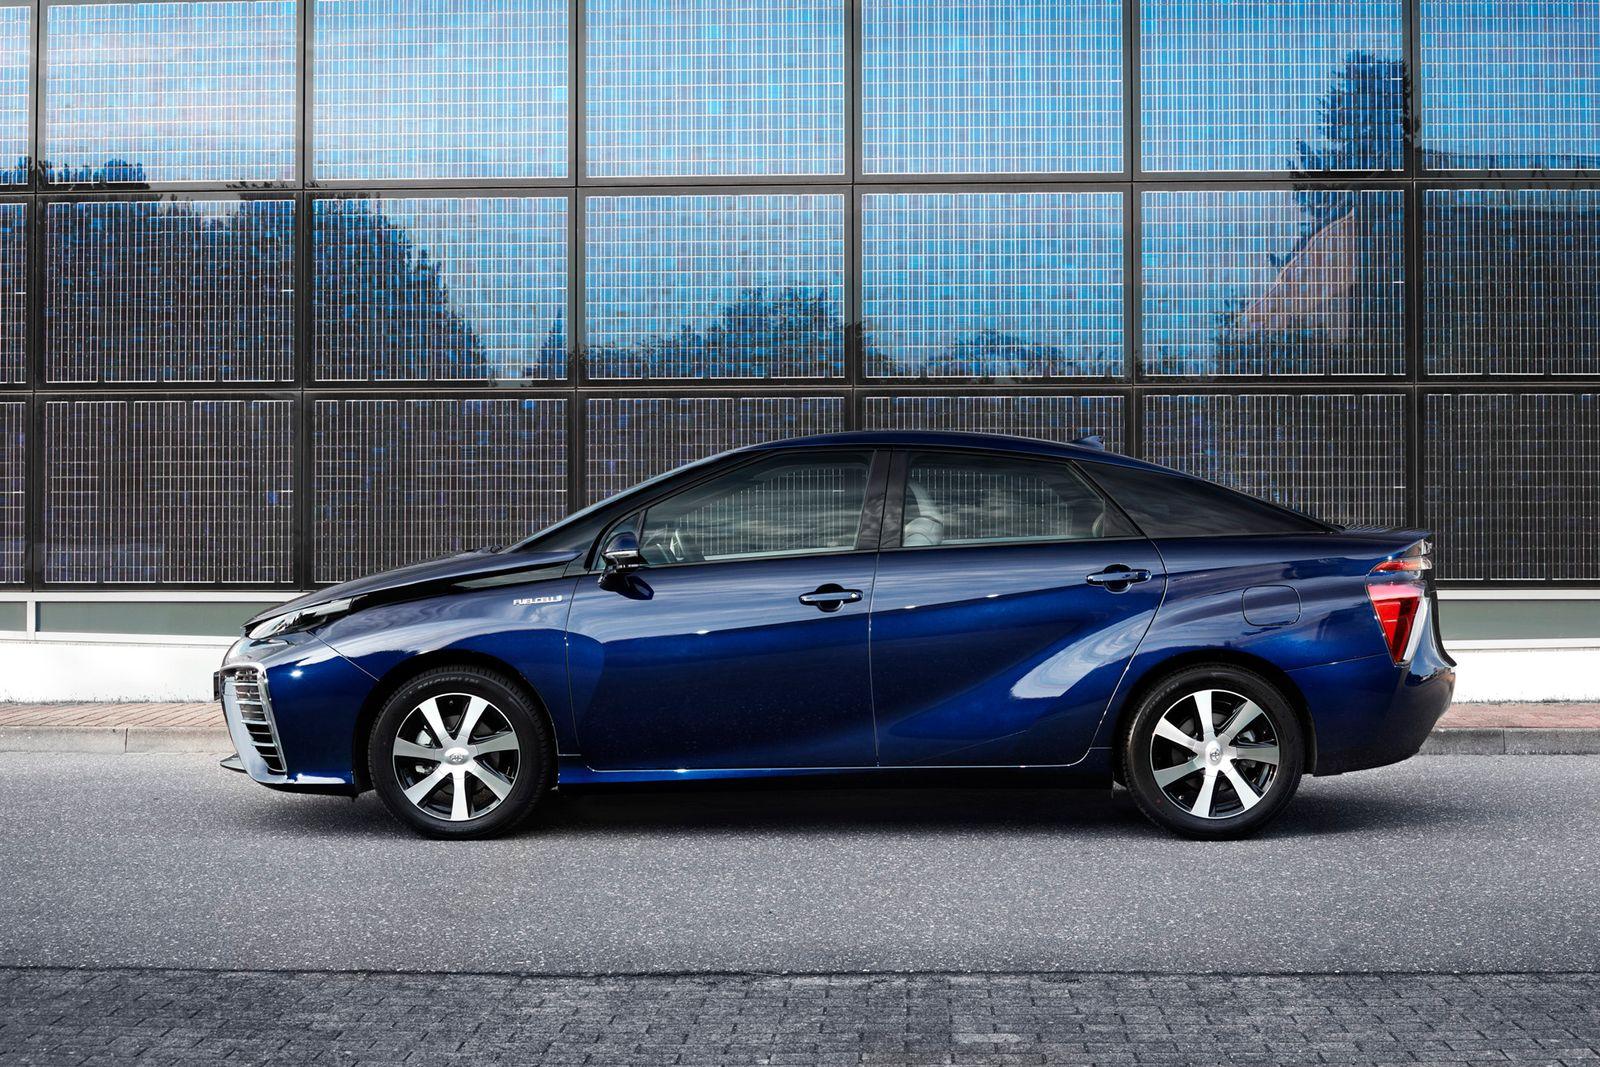 2015 / Toyota Mirai